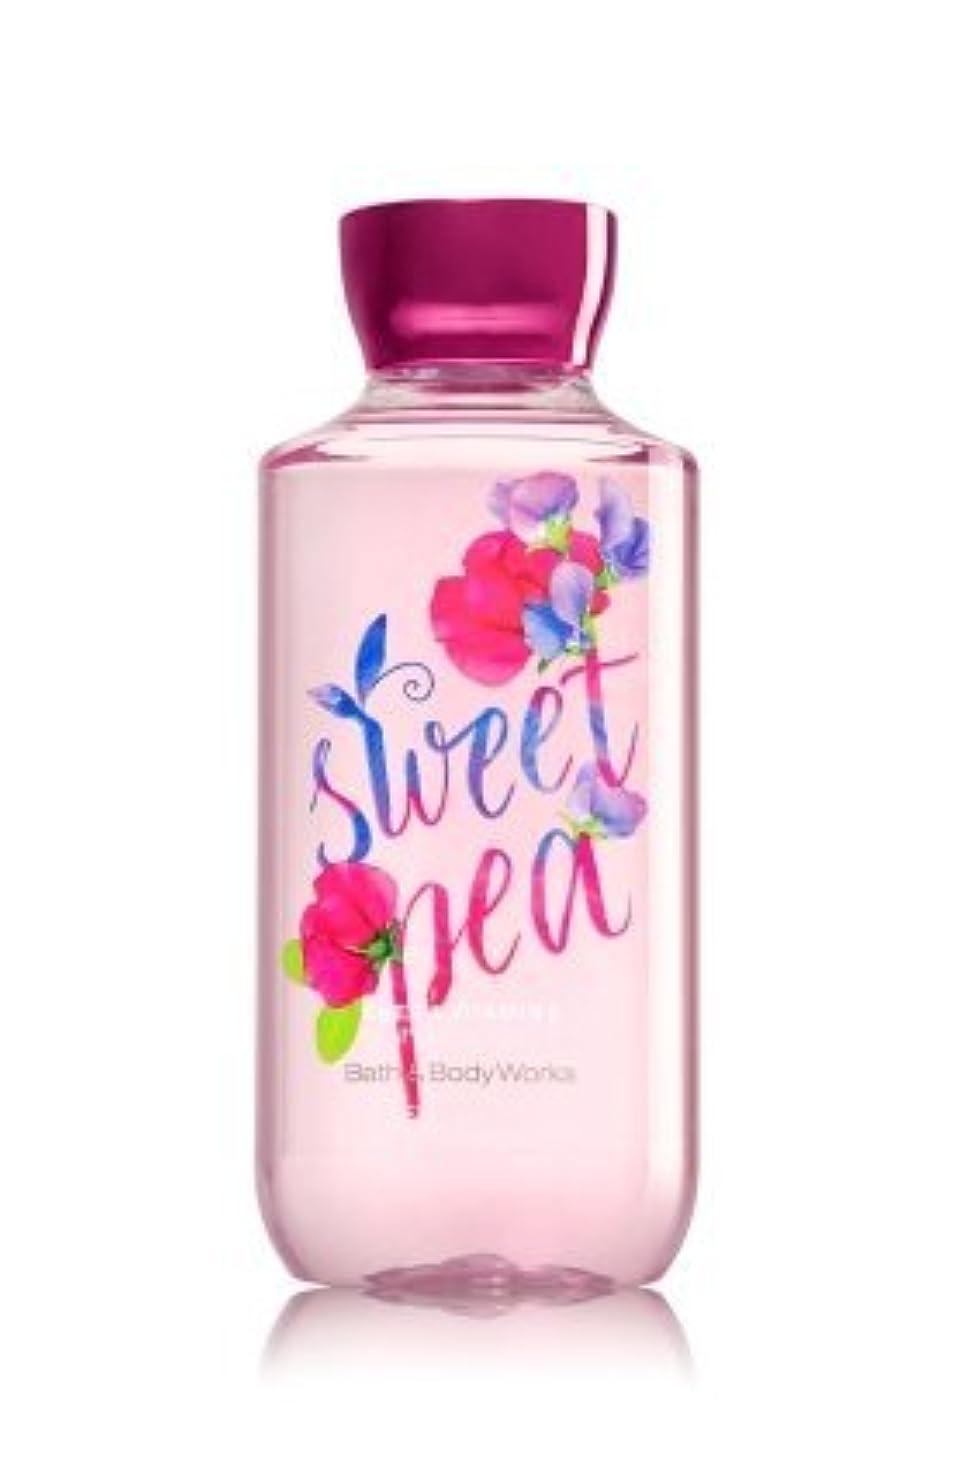 居住者脊椎バース【Bath&Body Works/バス&ボディワークス】 シャワージェル スイートピー Shower Gel Sweet Pea 10 fl oz / 295 mL [並行輸入品]